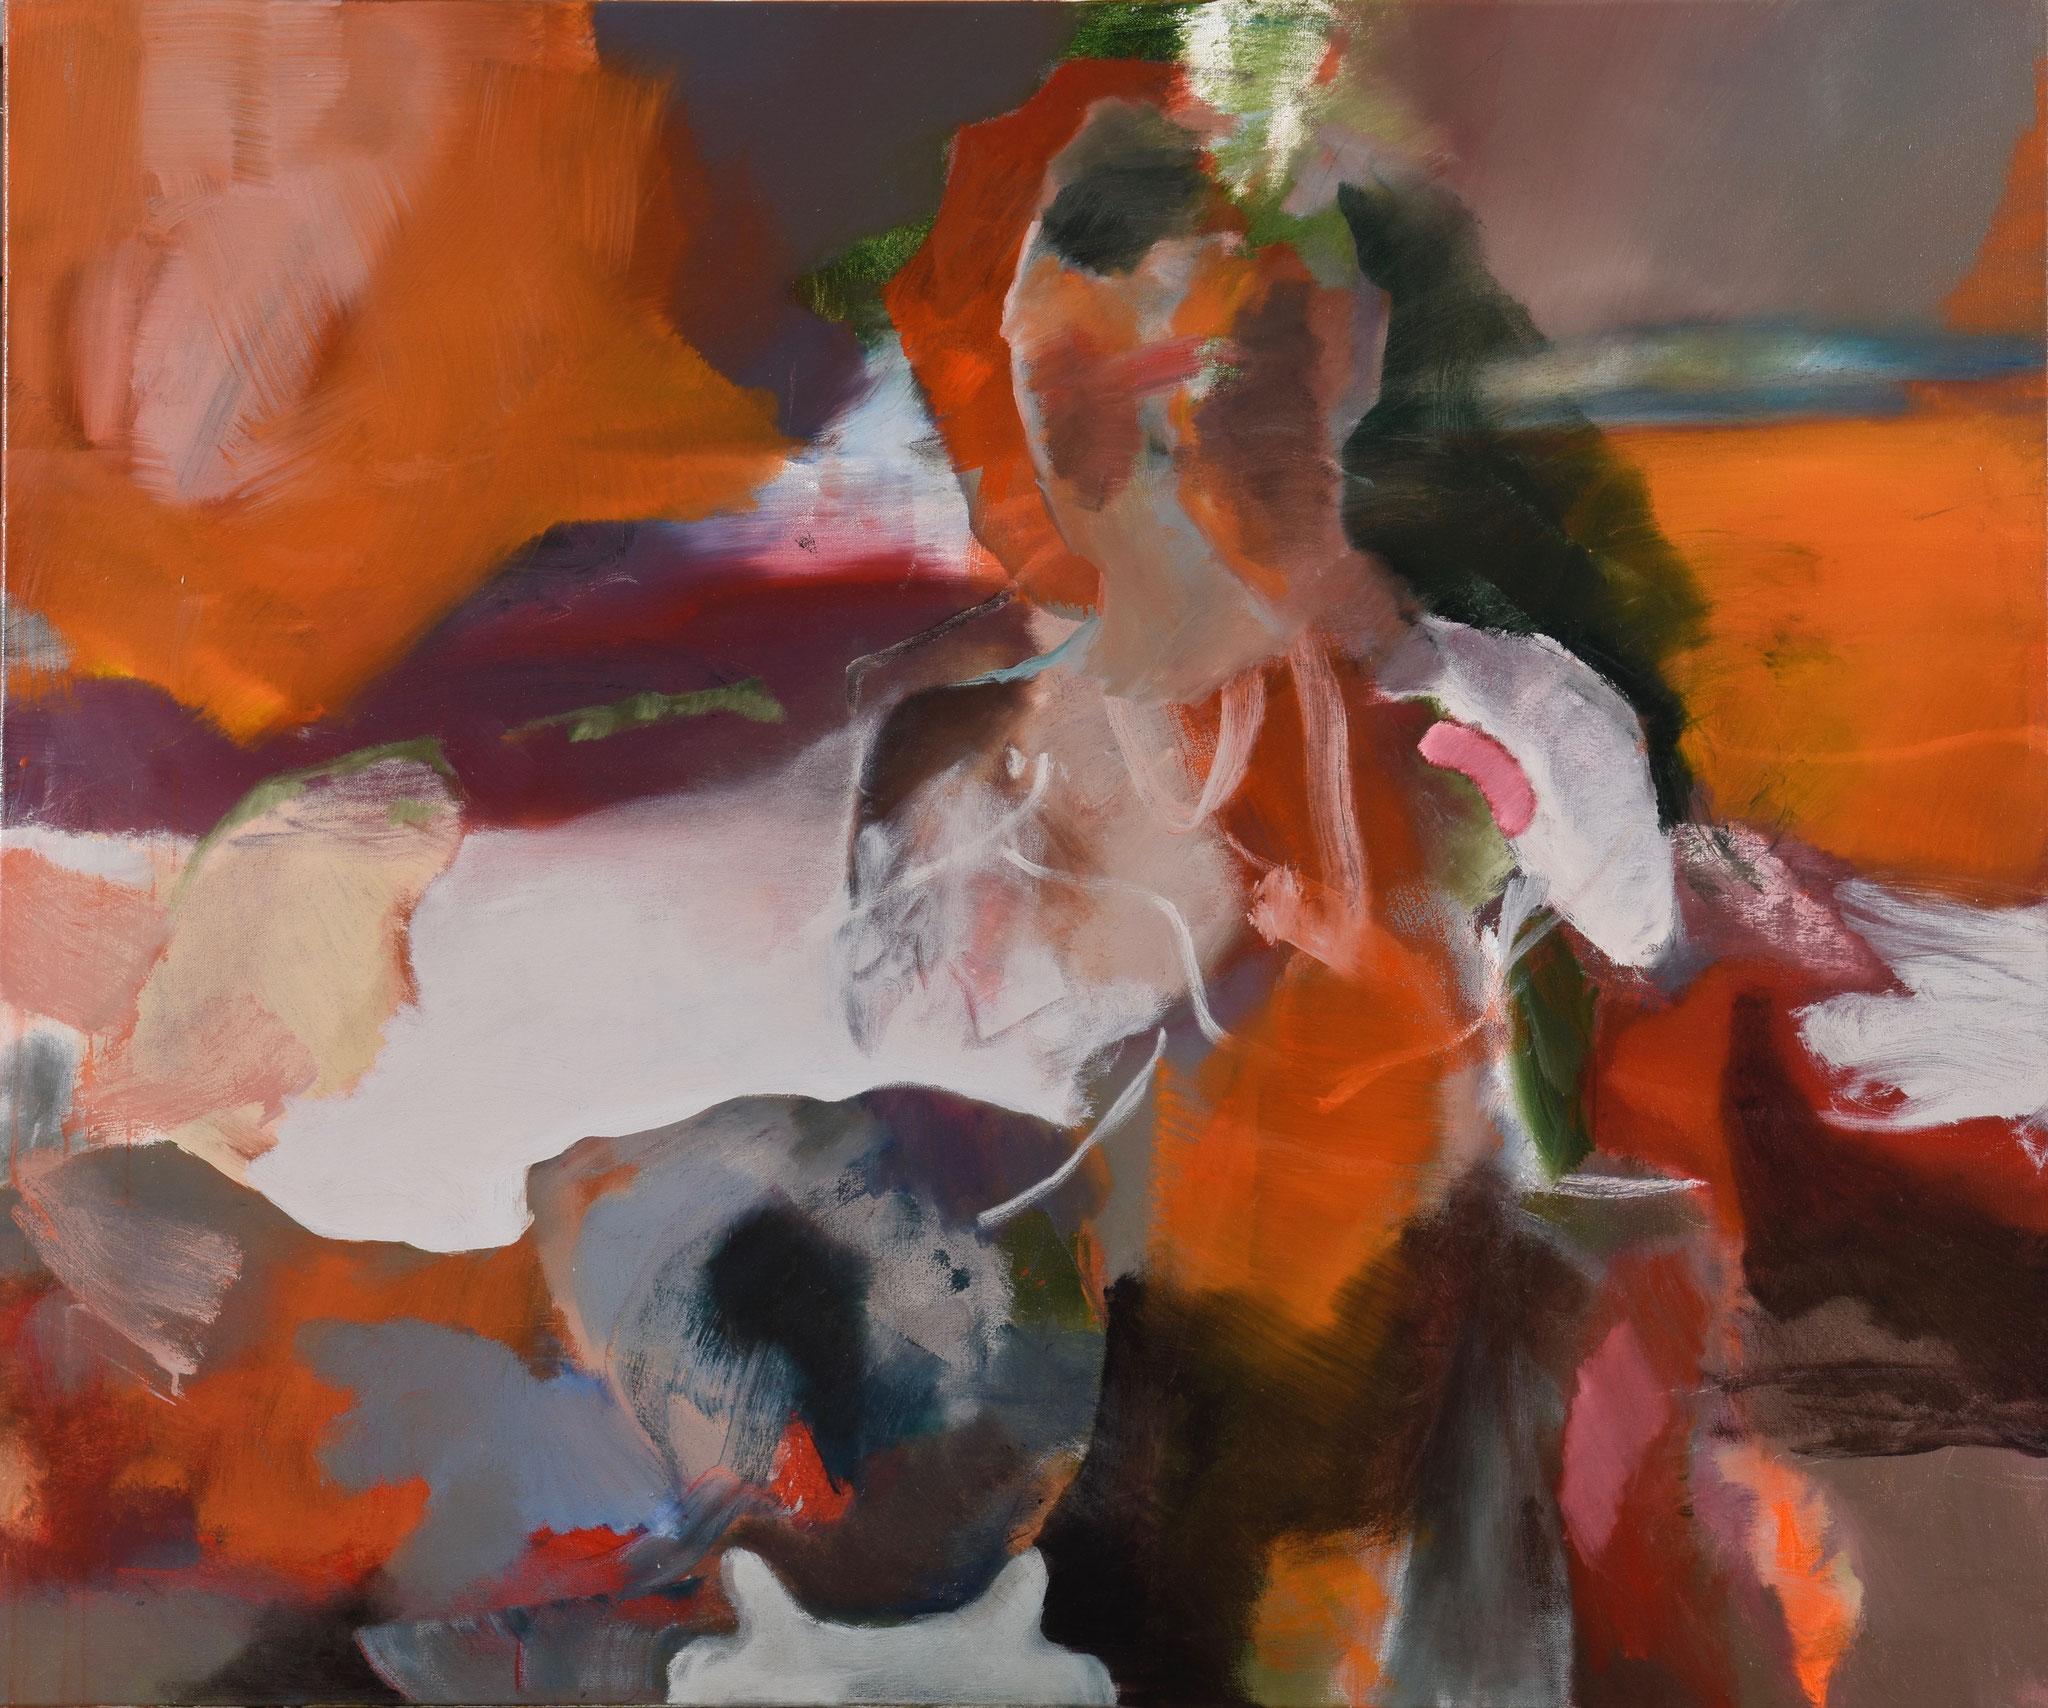 59  |  Ohne Titel  |  2018  |  Öl auf Leinwand  |  100 x 120 cm